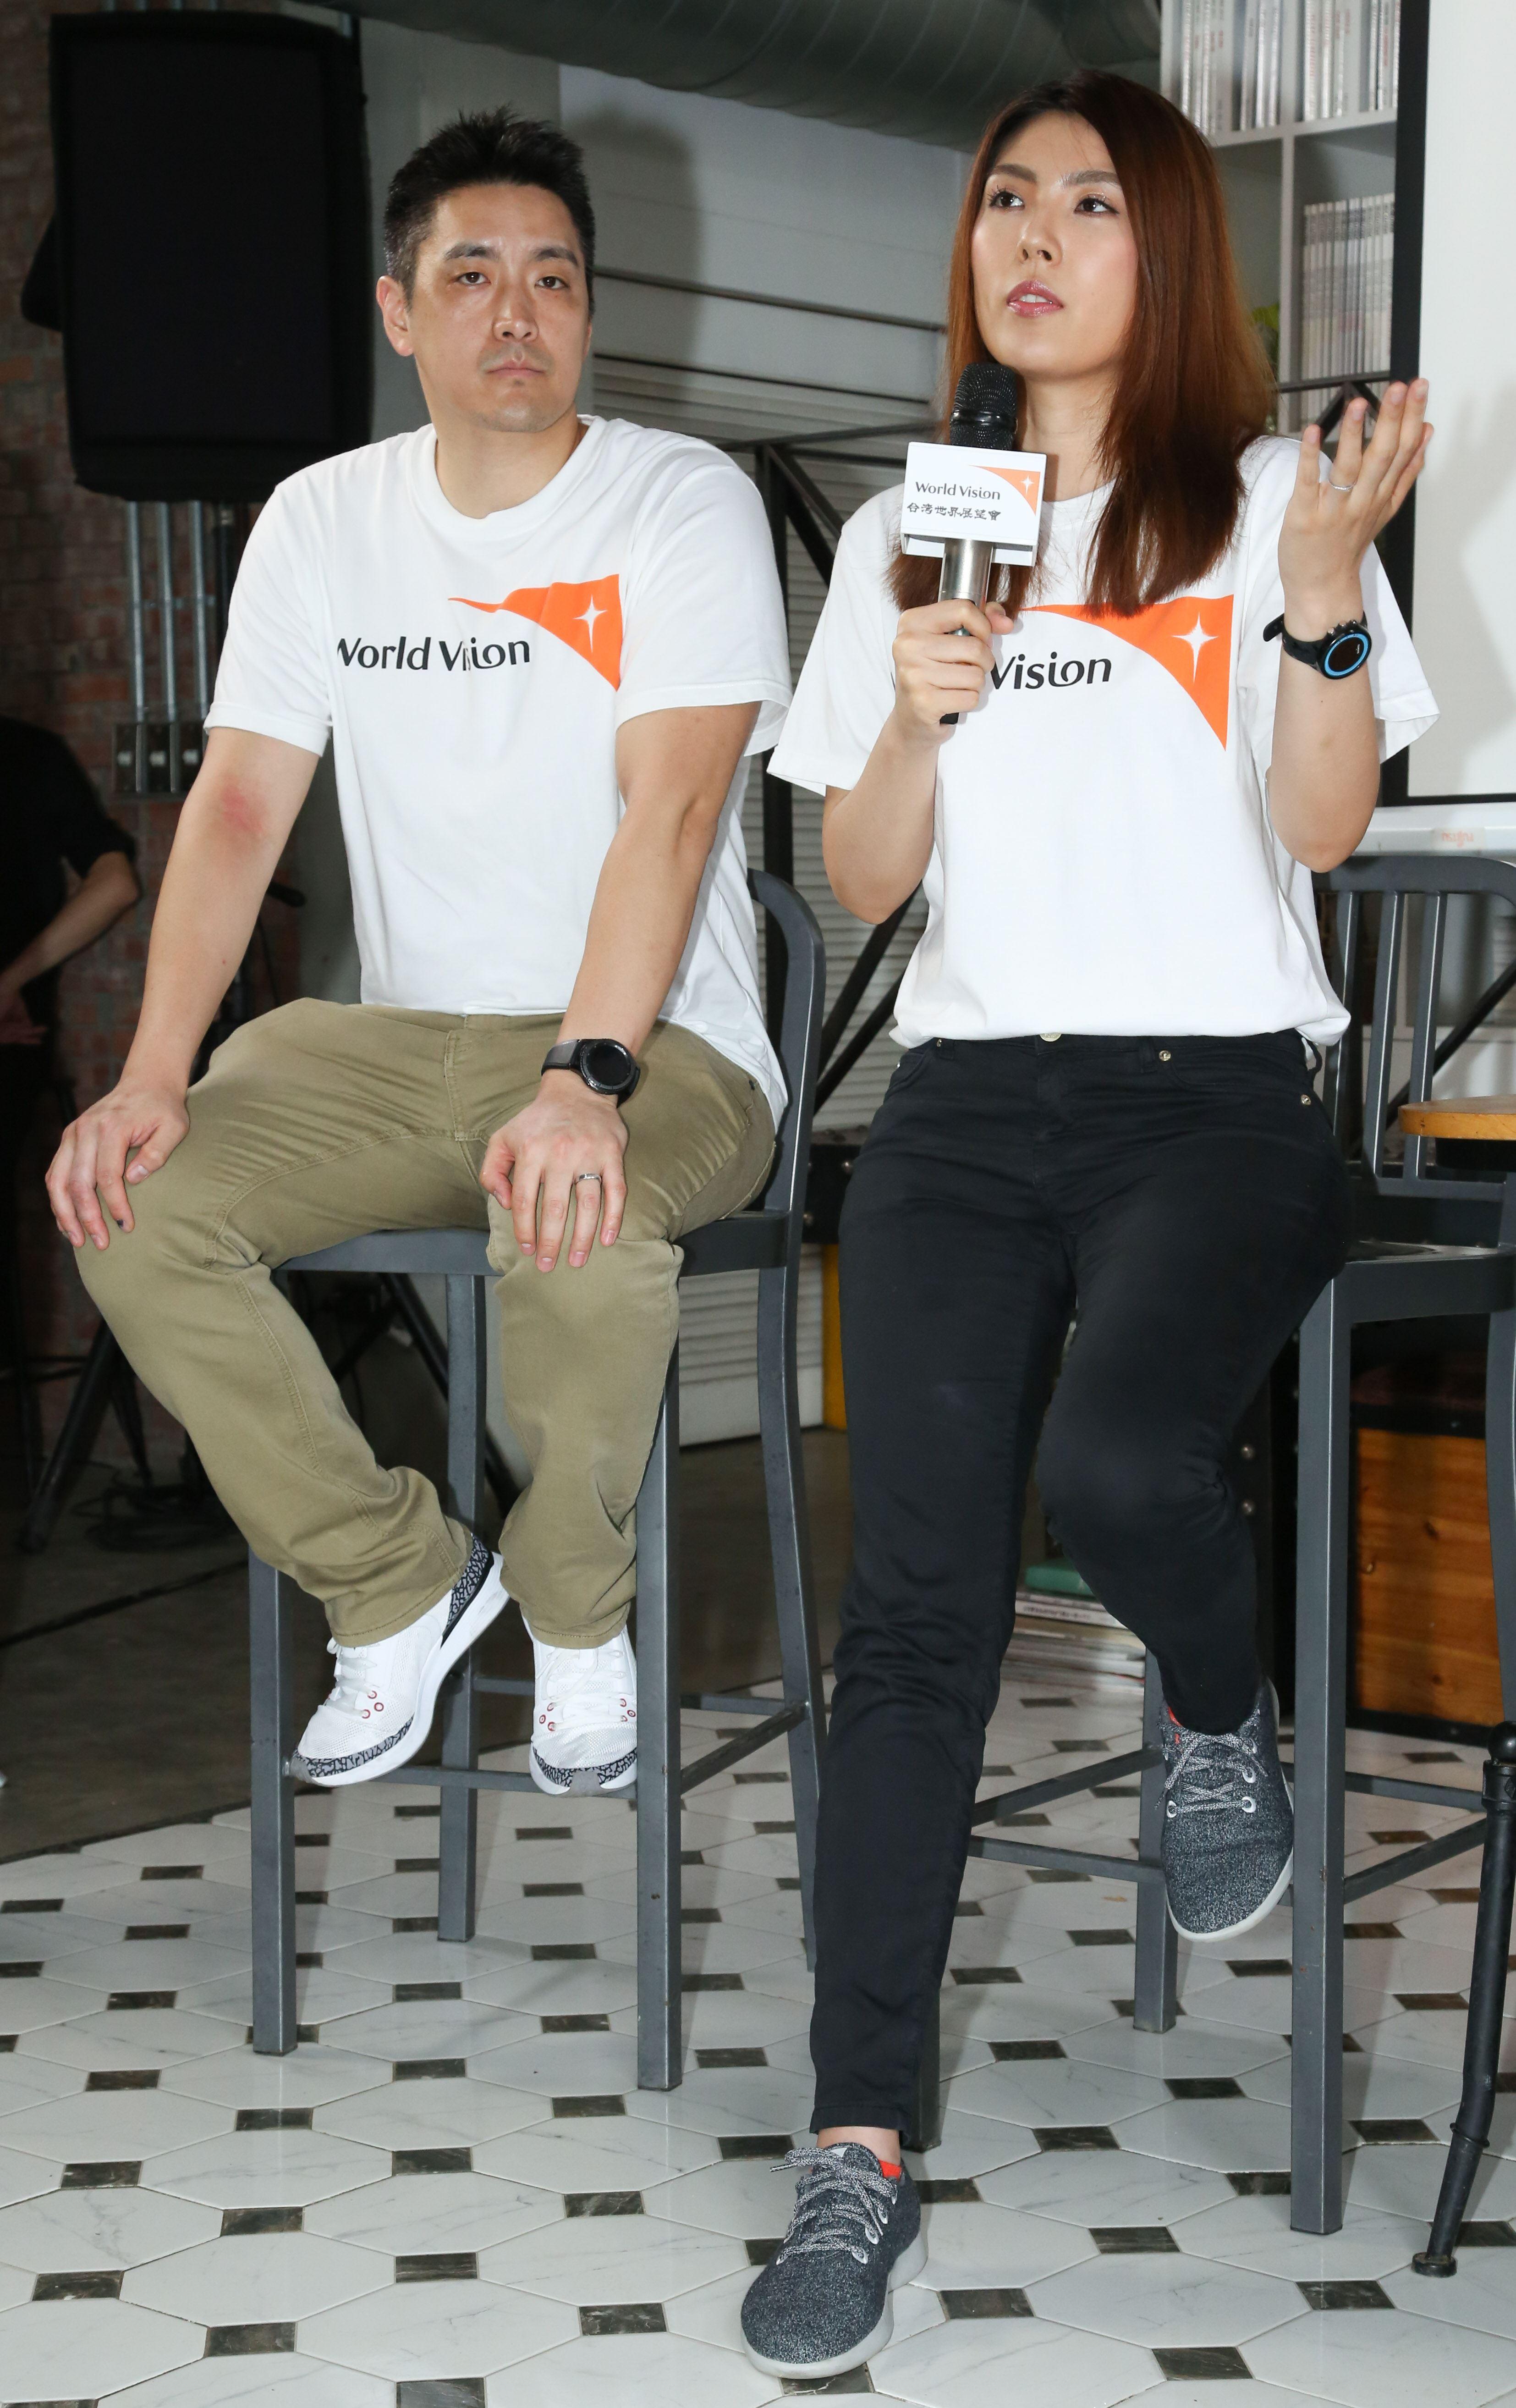 蔡阿嘎與理科太太參加台灣世界展望會宣導活動,理科先生一同參與慈善活動。(記者林士傑/攝影)